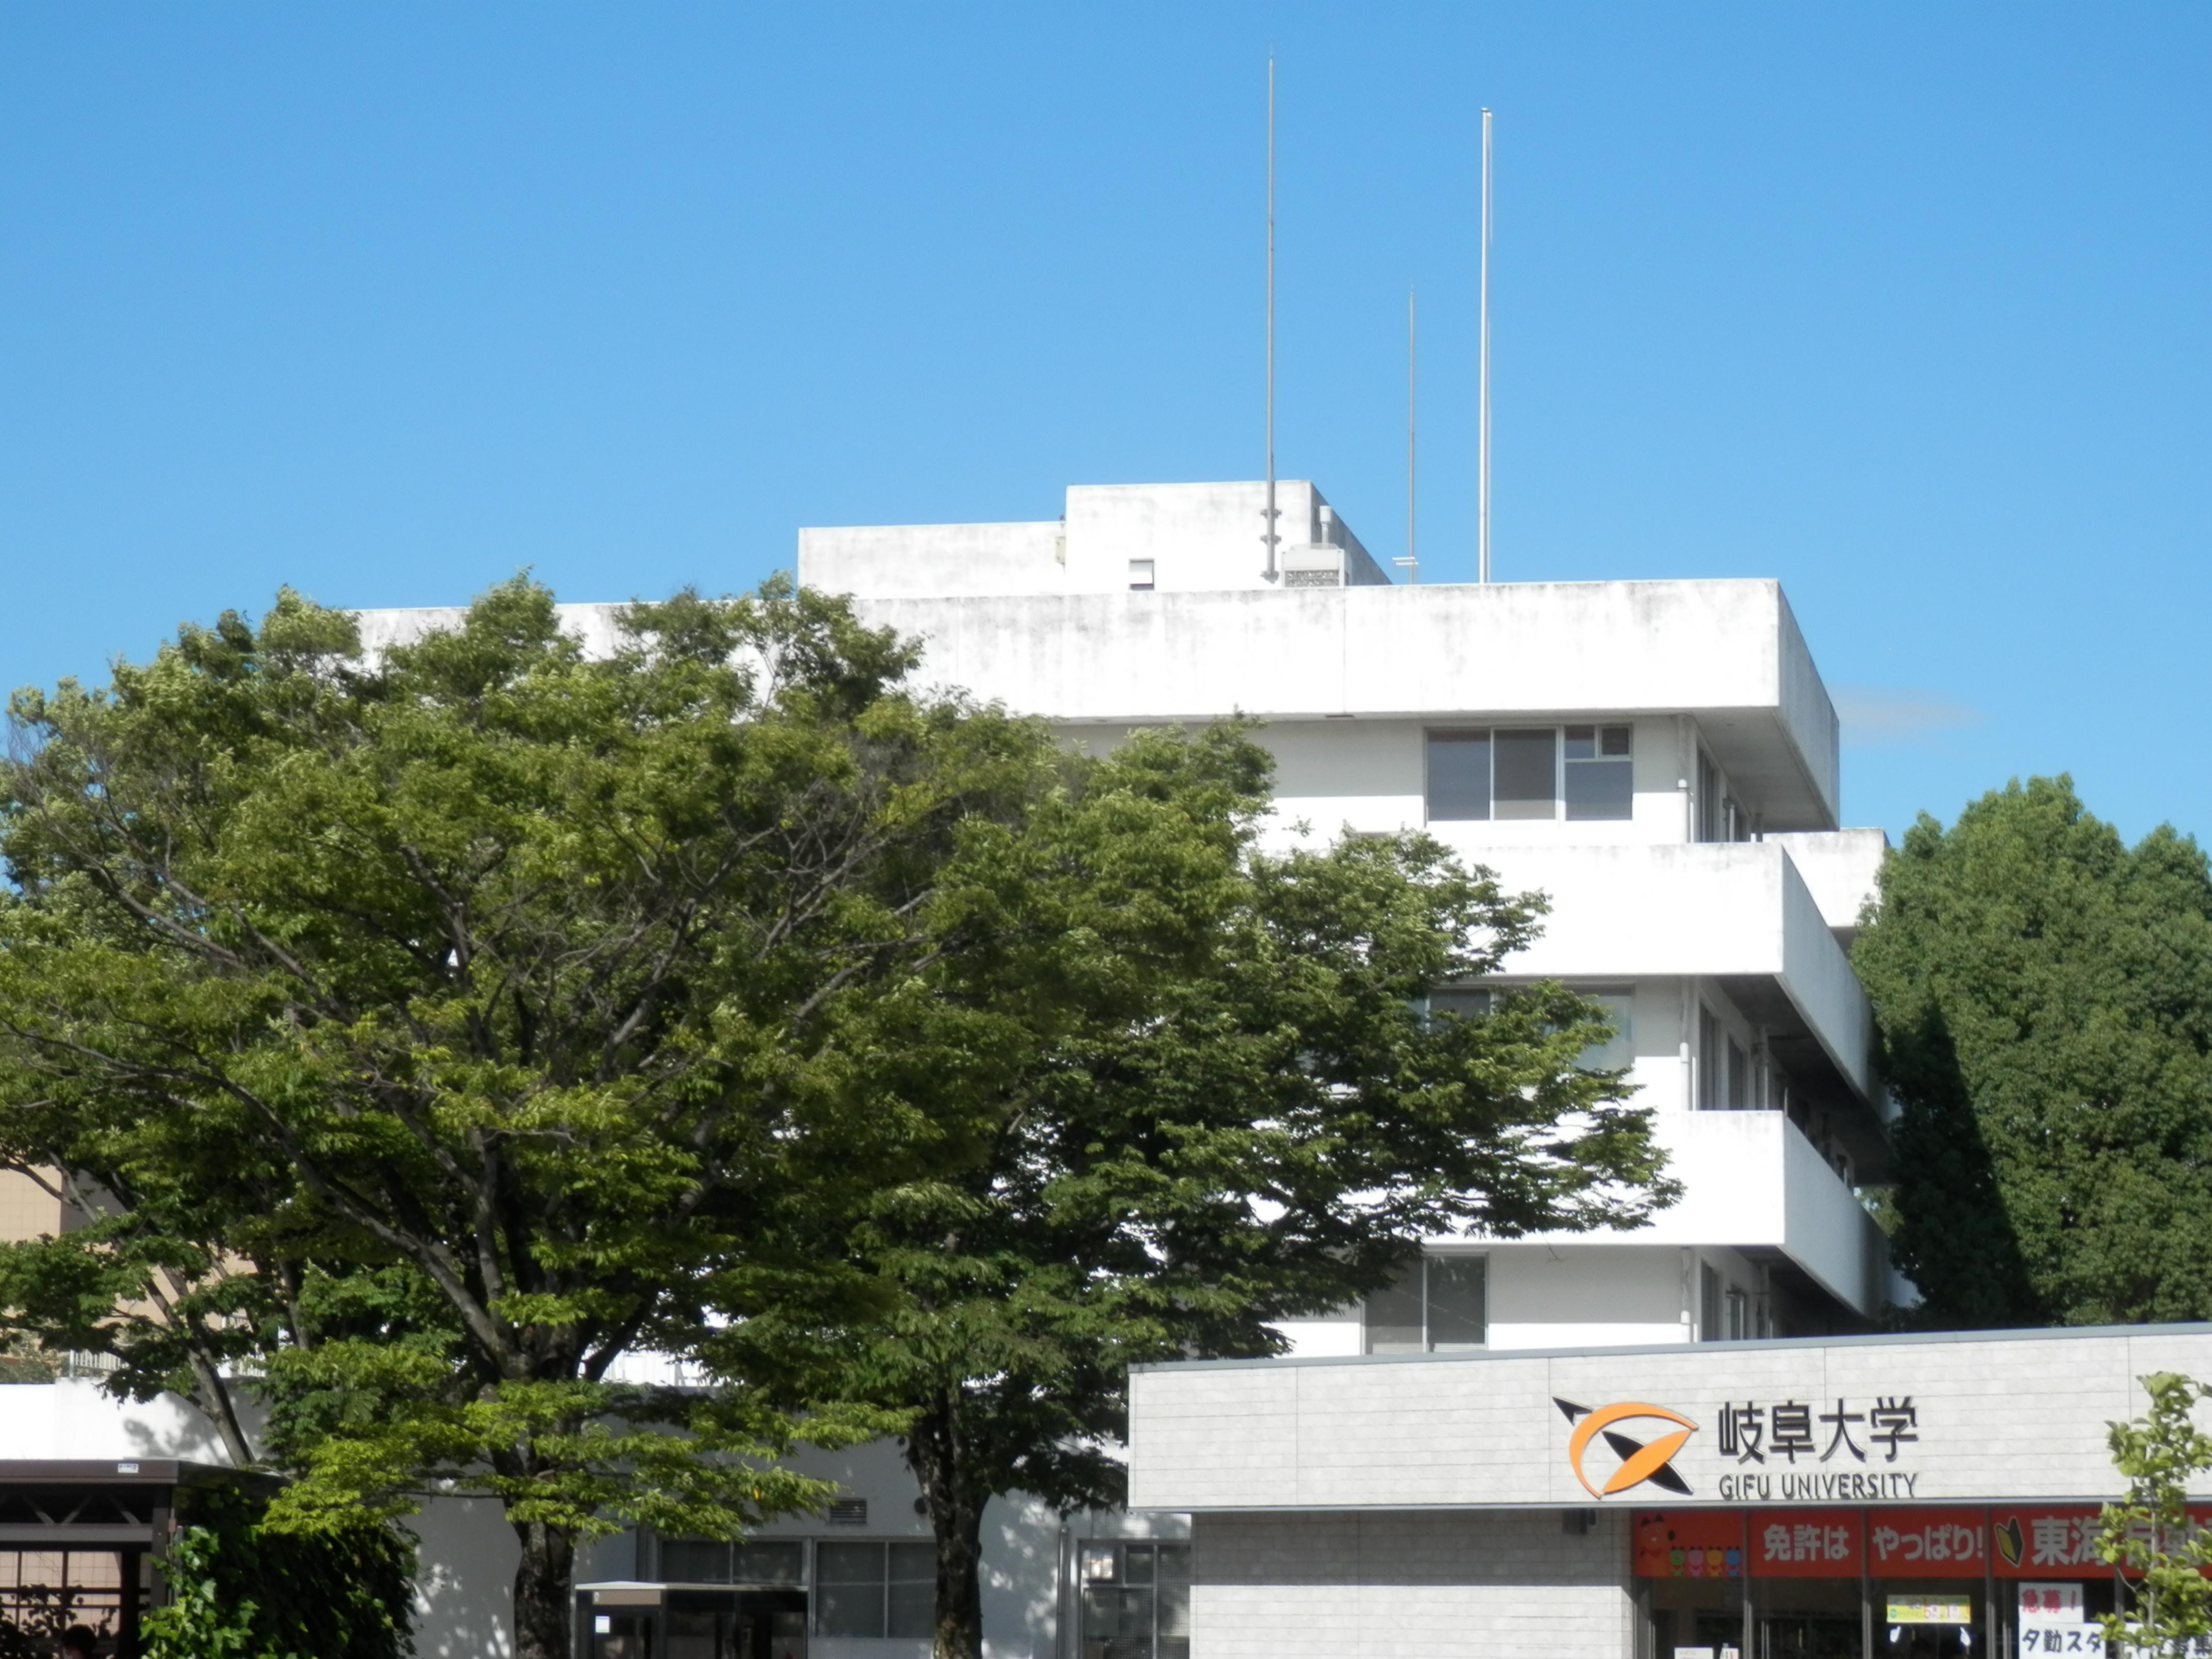 大学・短大:国立岐阜大学 900m 近隣